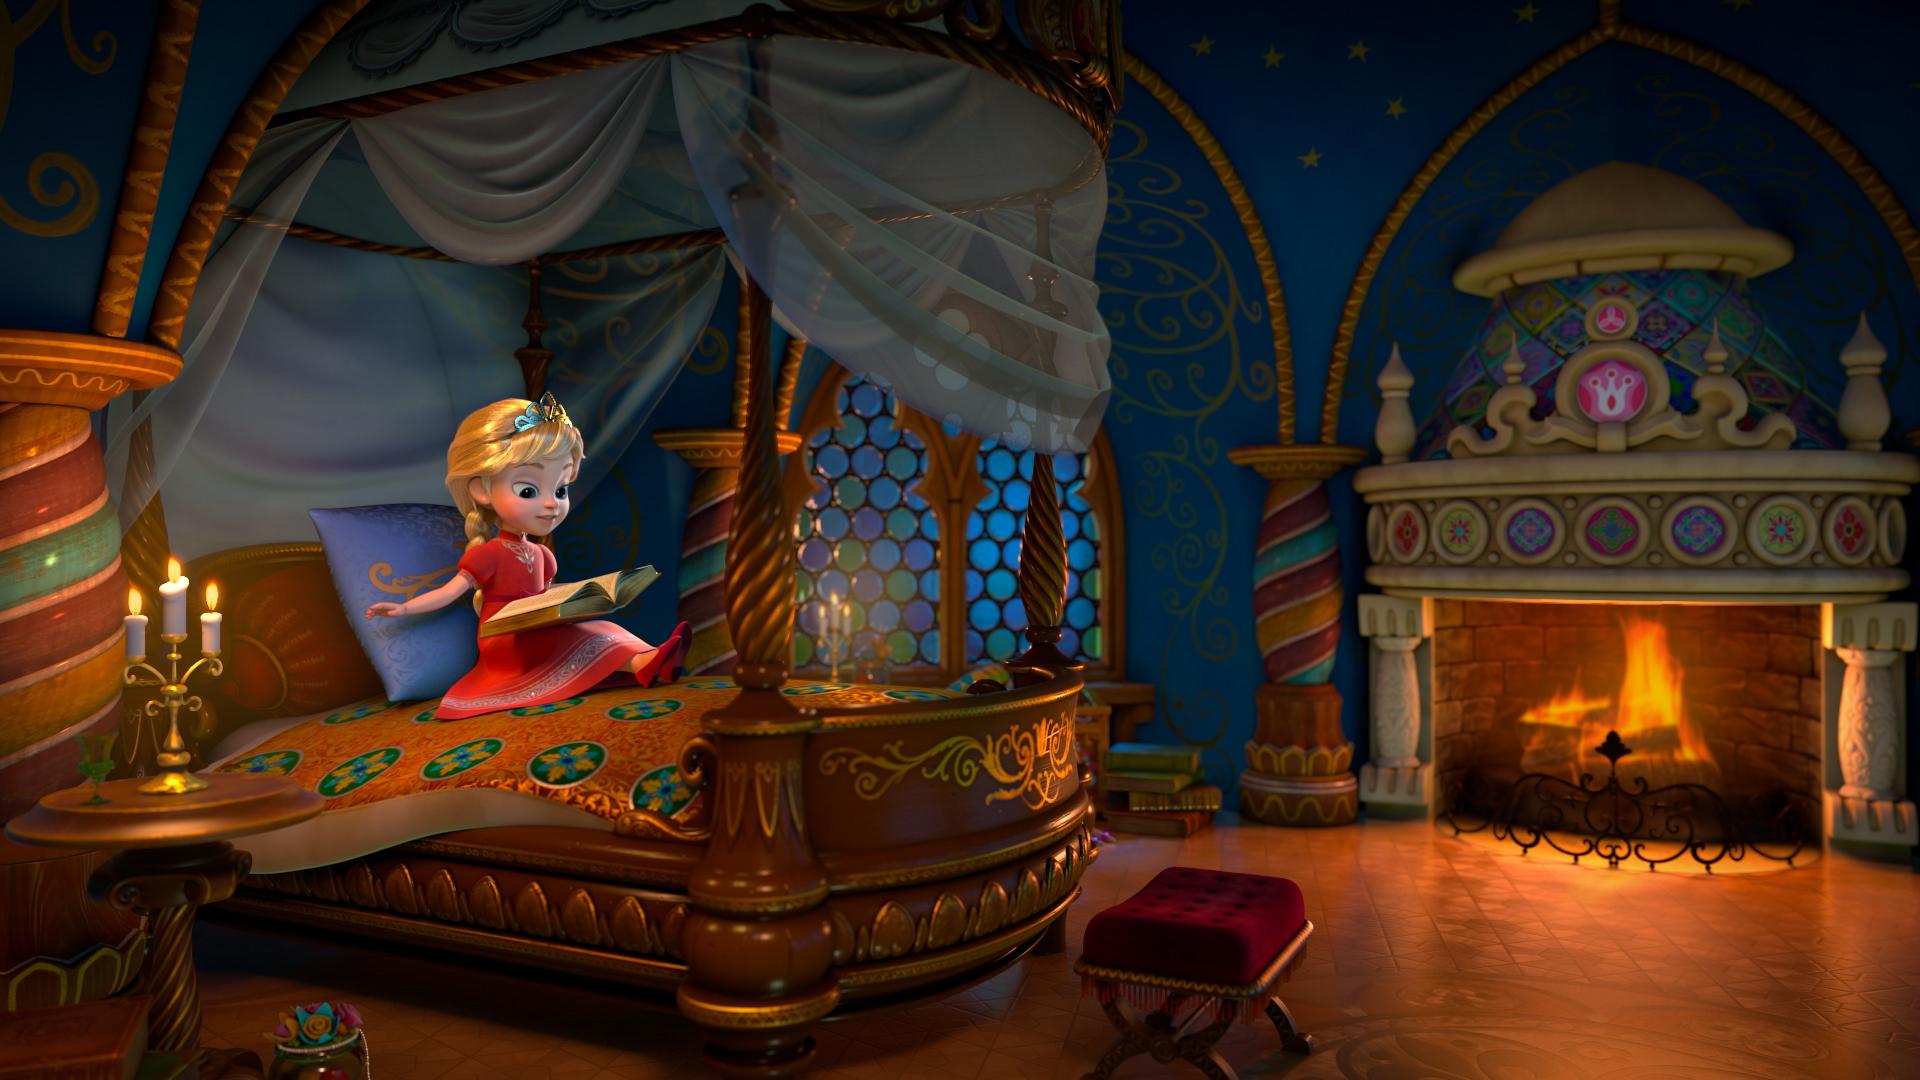 Принцесса и дракон смотреть фото